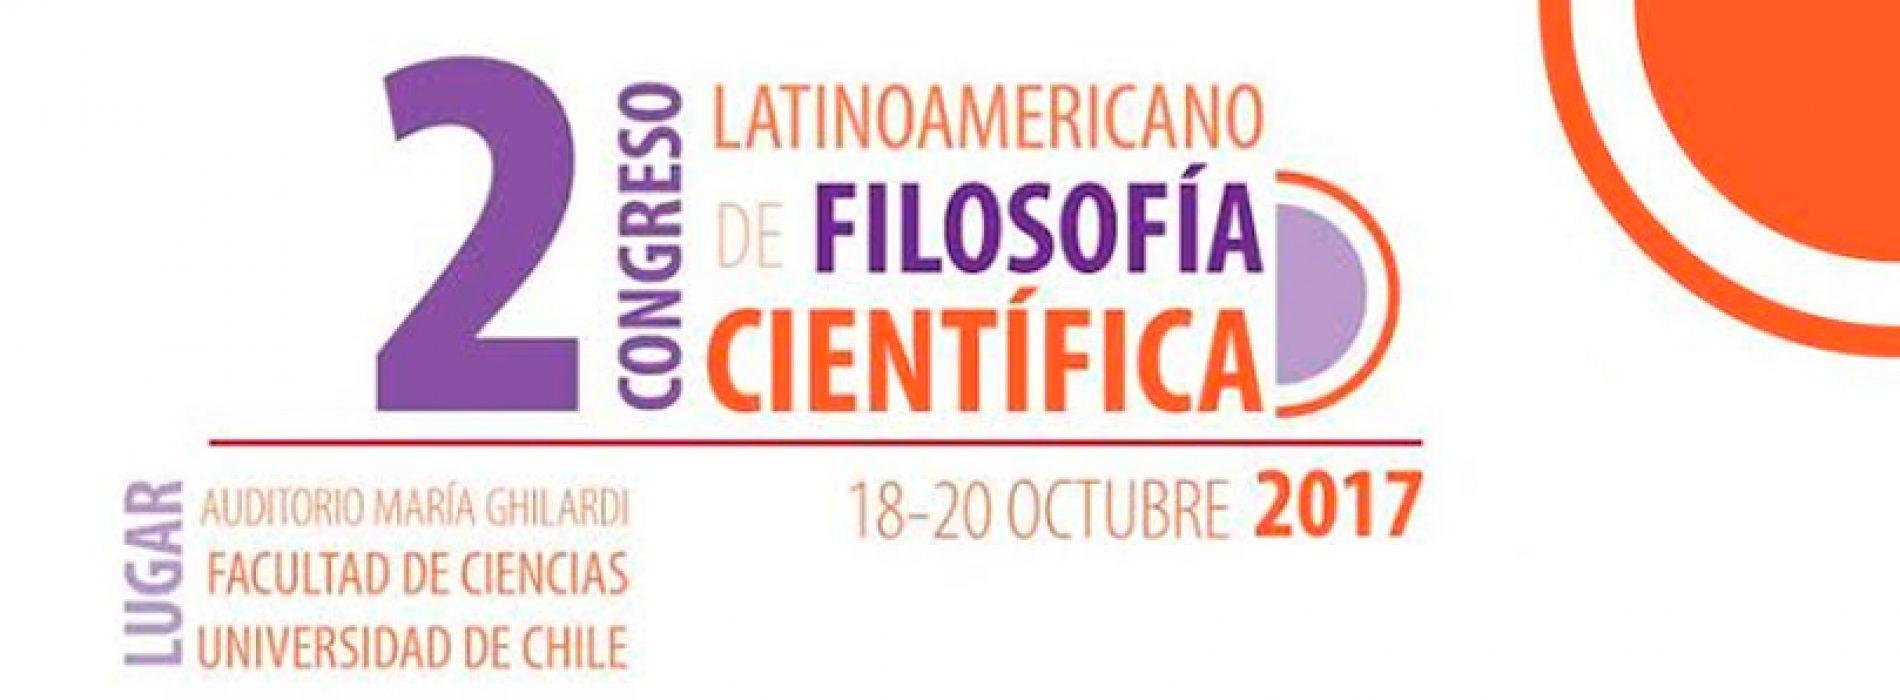 2do Congreso de Filosofía Científica